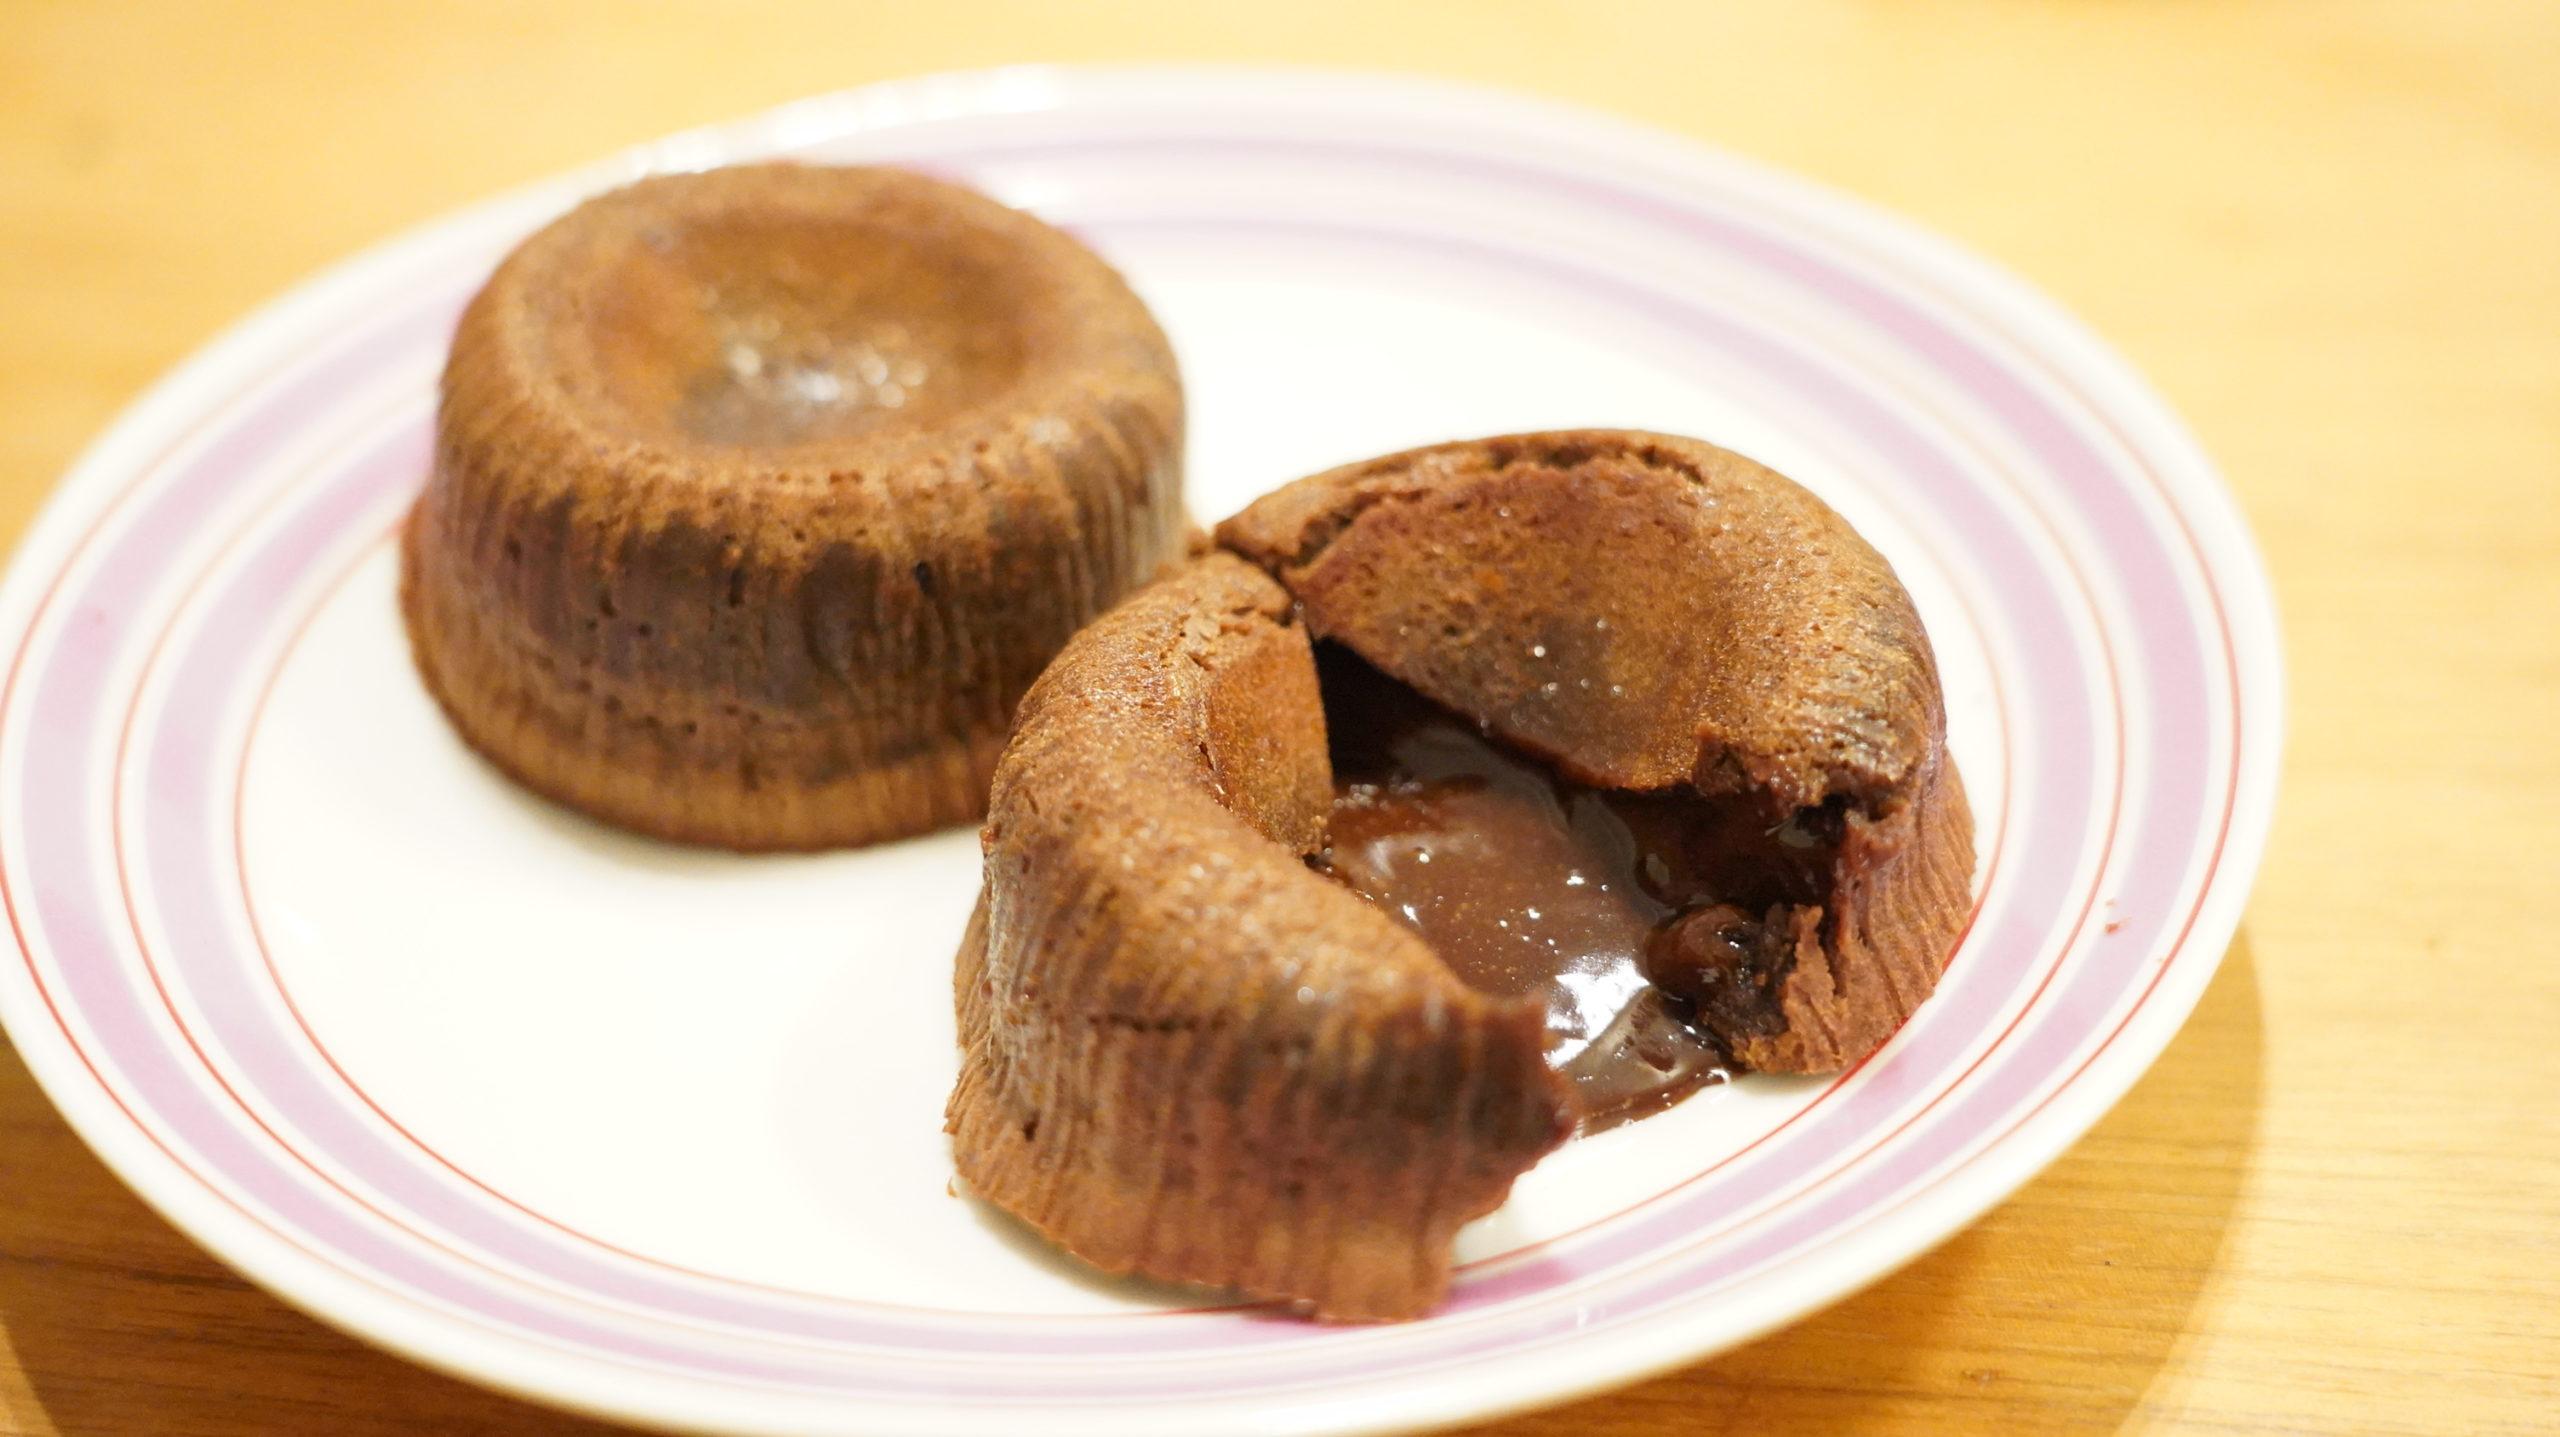 ピカールの冷凍食品「モアローショコラ」の商品写真